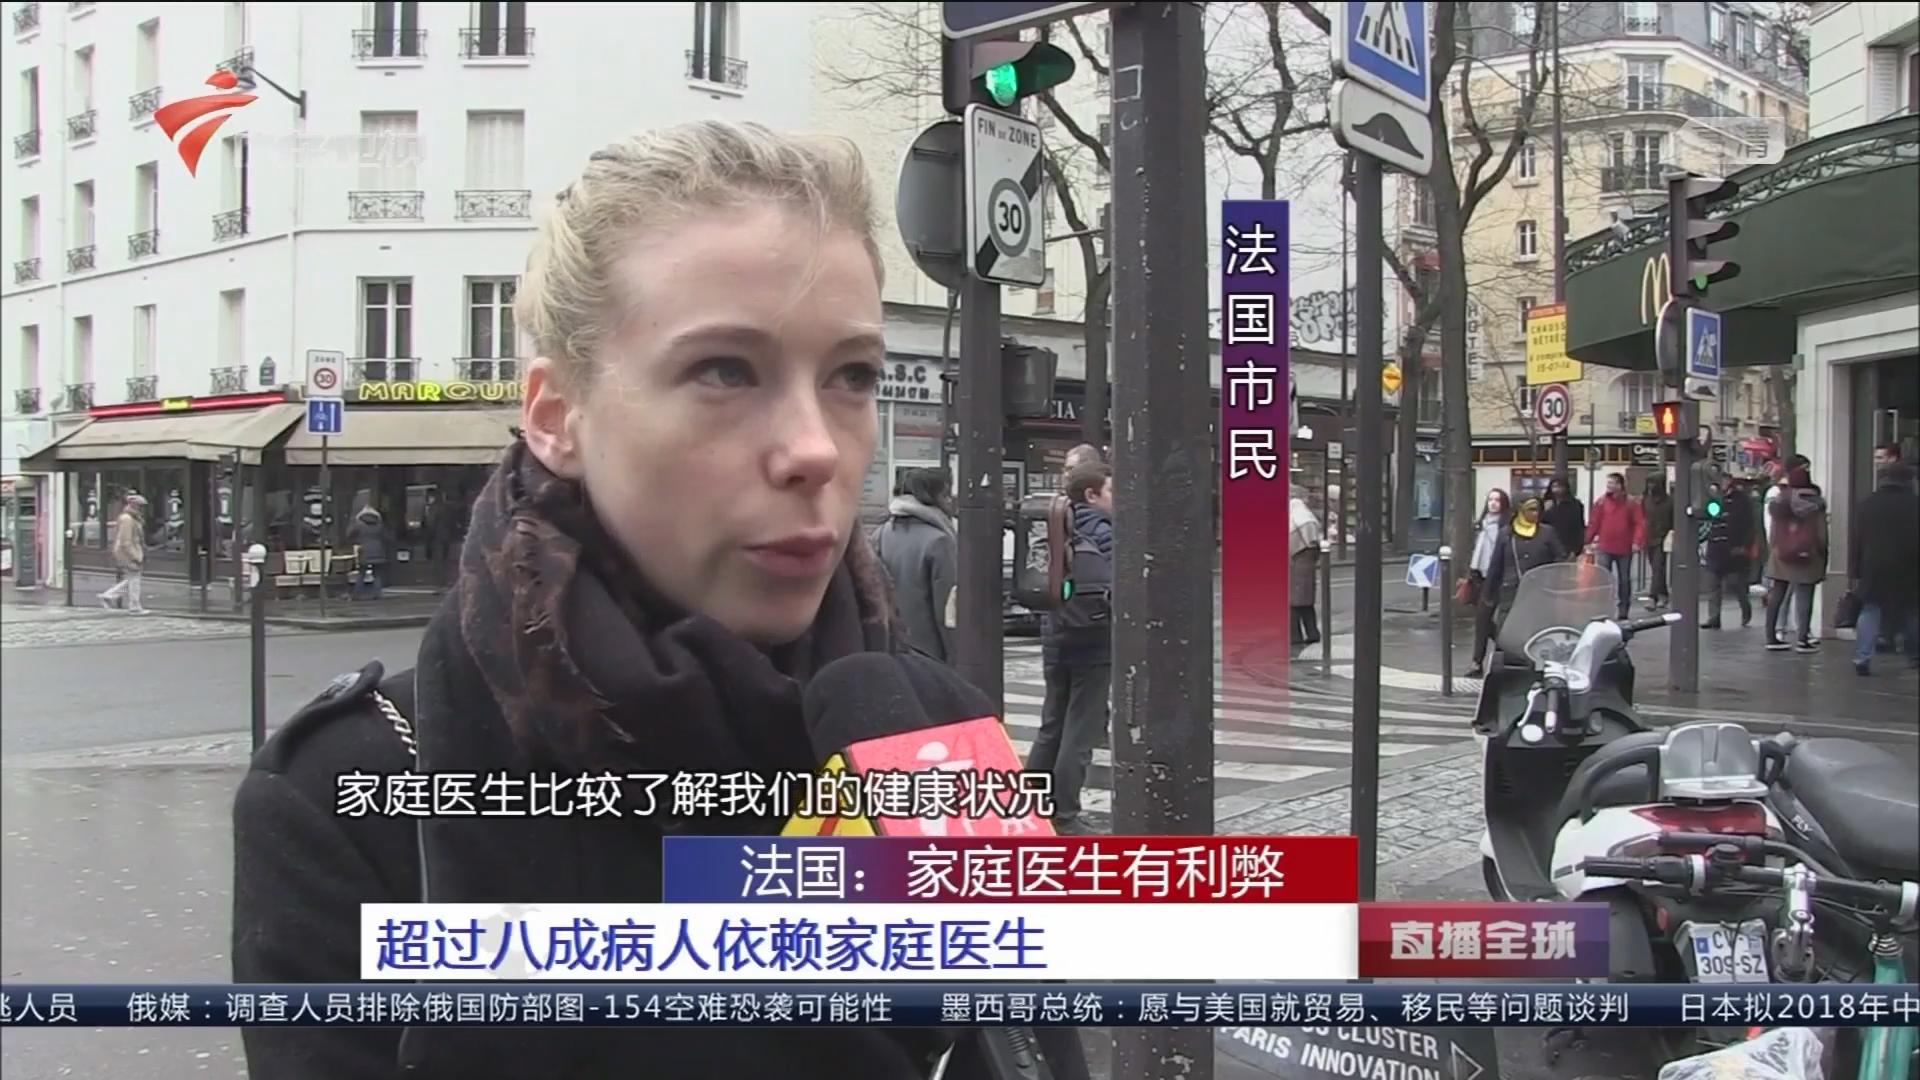 法国:家庭医生有利弊 超过八成病人依赖家庭医生